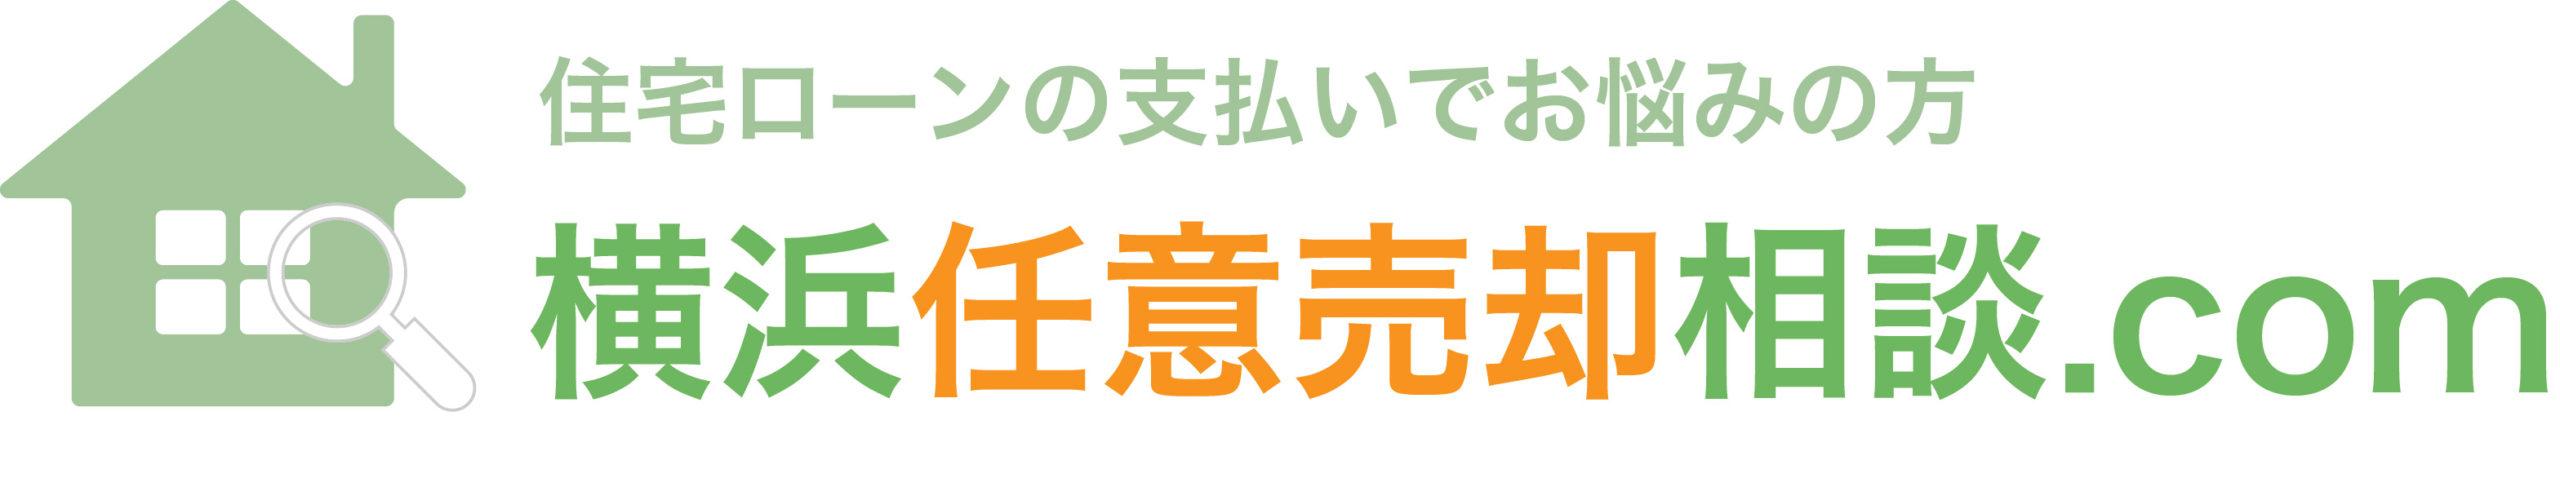 横浜任意売却相談ドットコム